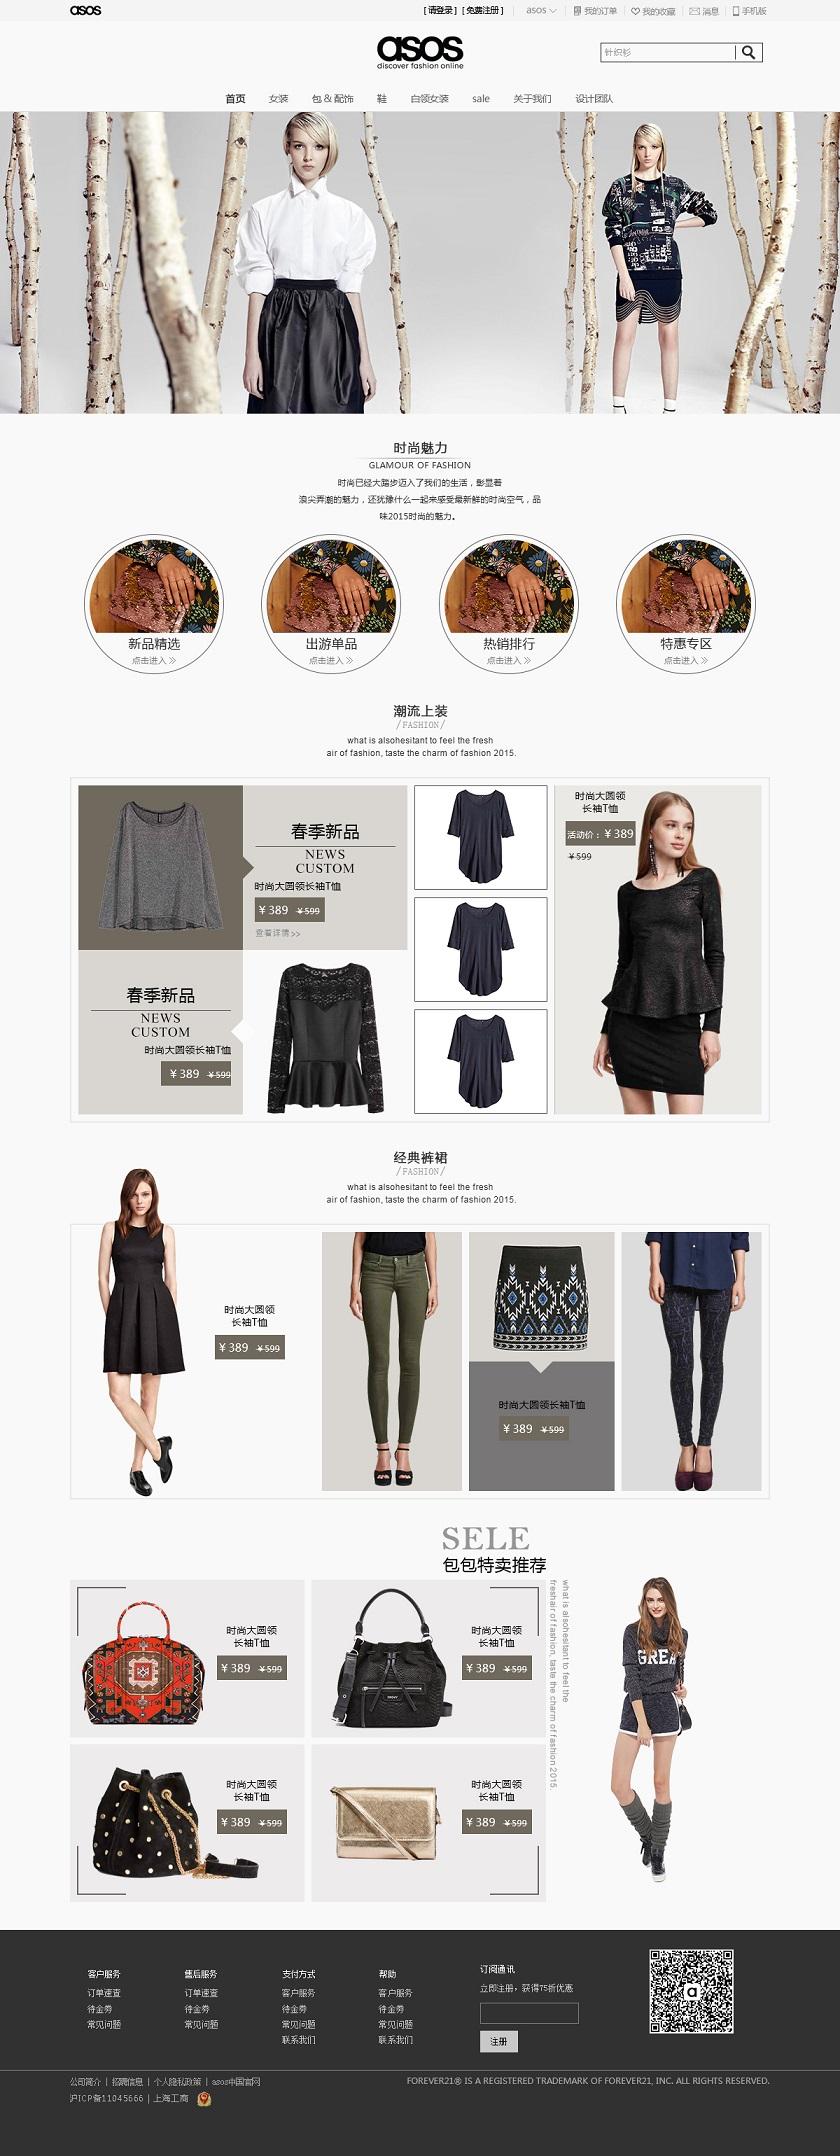 asos品牌服饰网站 网页 企业官网 echizen_qing